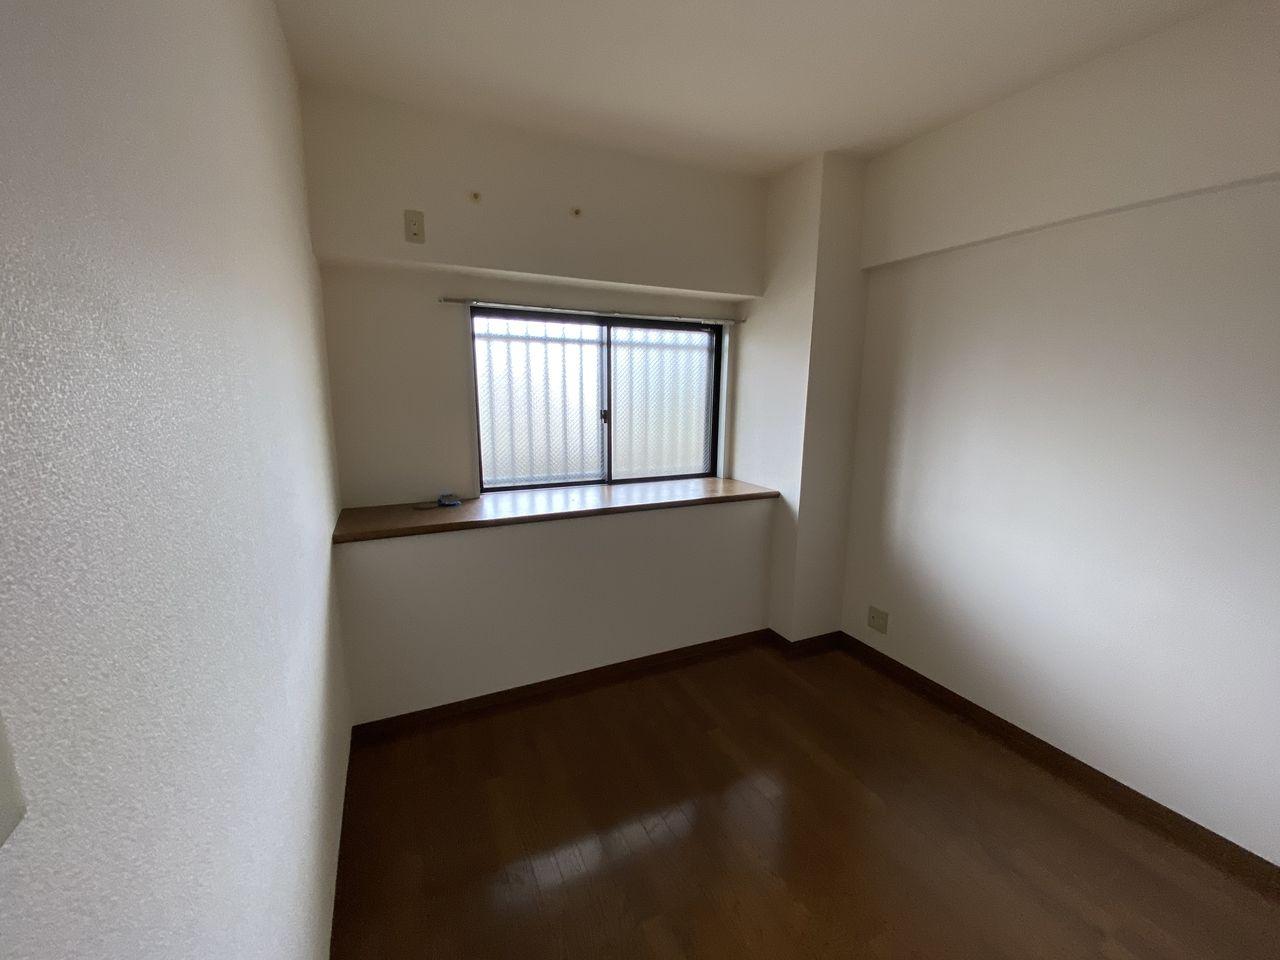 EV付たまプラーザ駅2分のマンションの第5正美ビルの玄関横洋室の窓方向